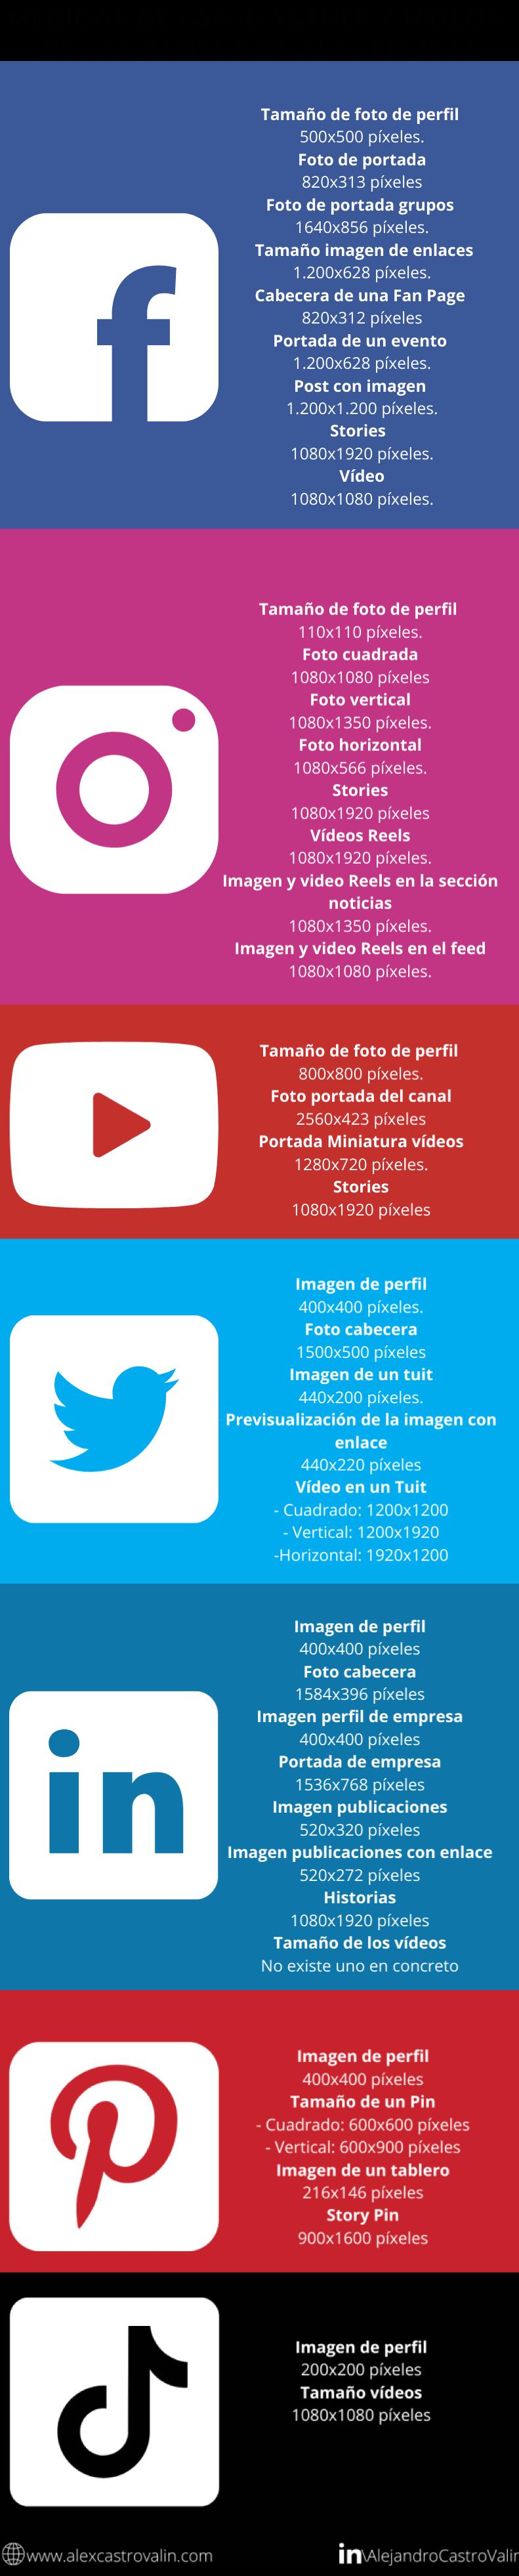 infografia de los tamaños de las imagenes y videos de las redes sociales en 2021